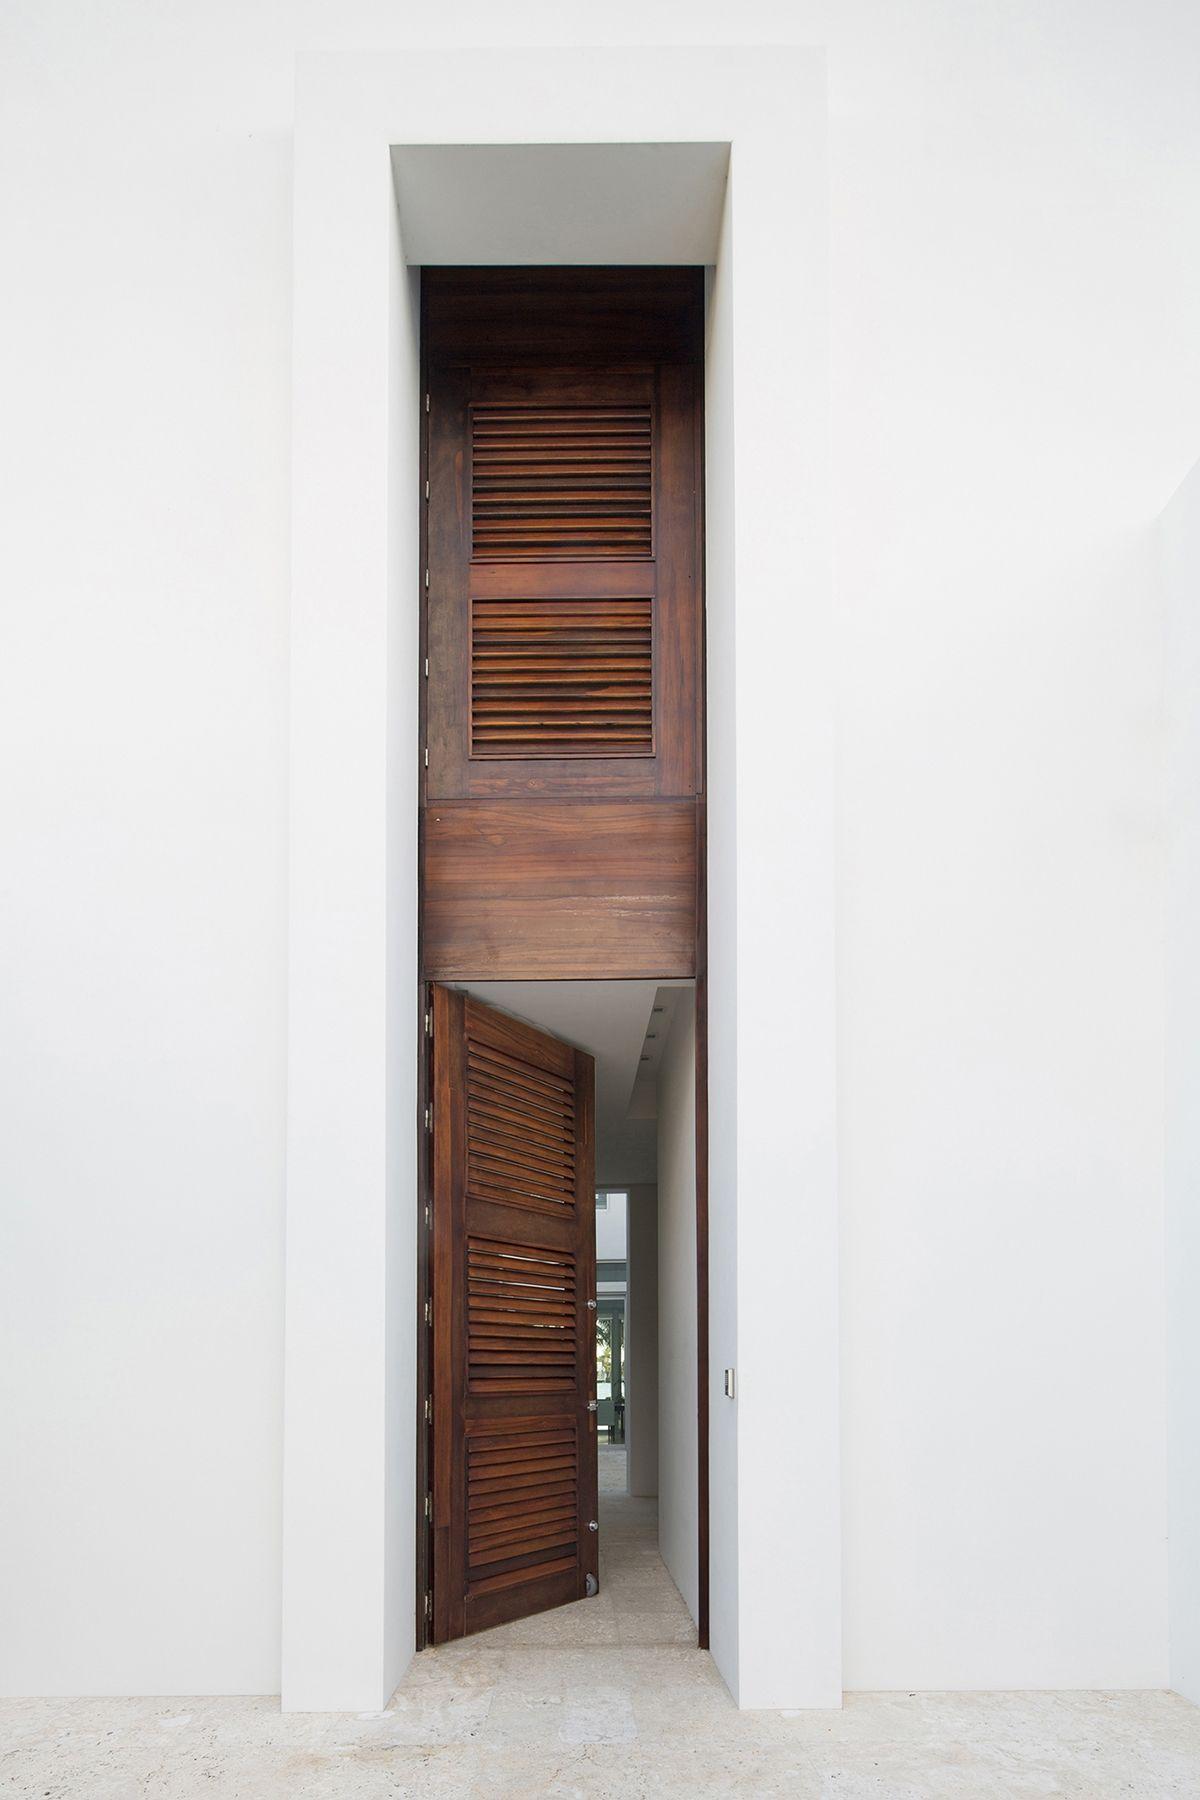 Eingangstüren modern grau  Modernes Haus mit ungewöhnlicher Eingangstür (